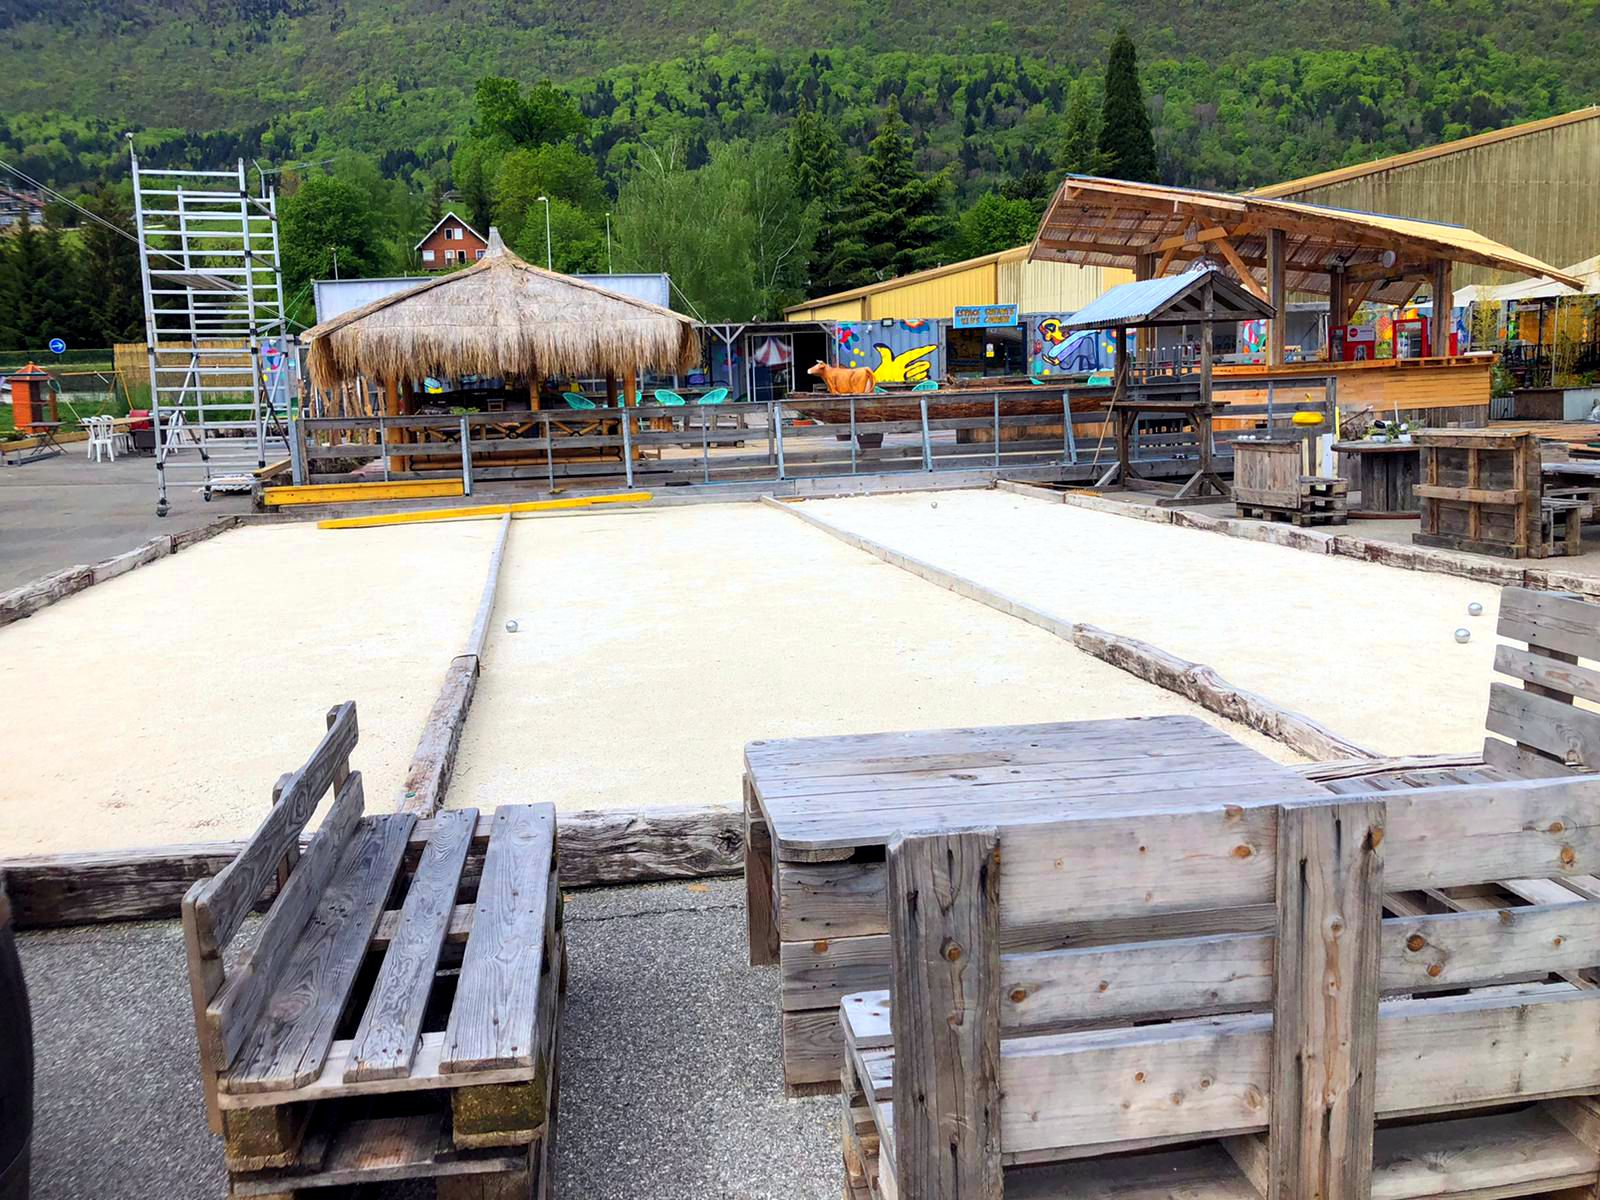 Terrain de boule du marché de la seiche - Sevrier - Lac d'Annecy